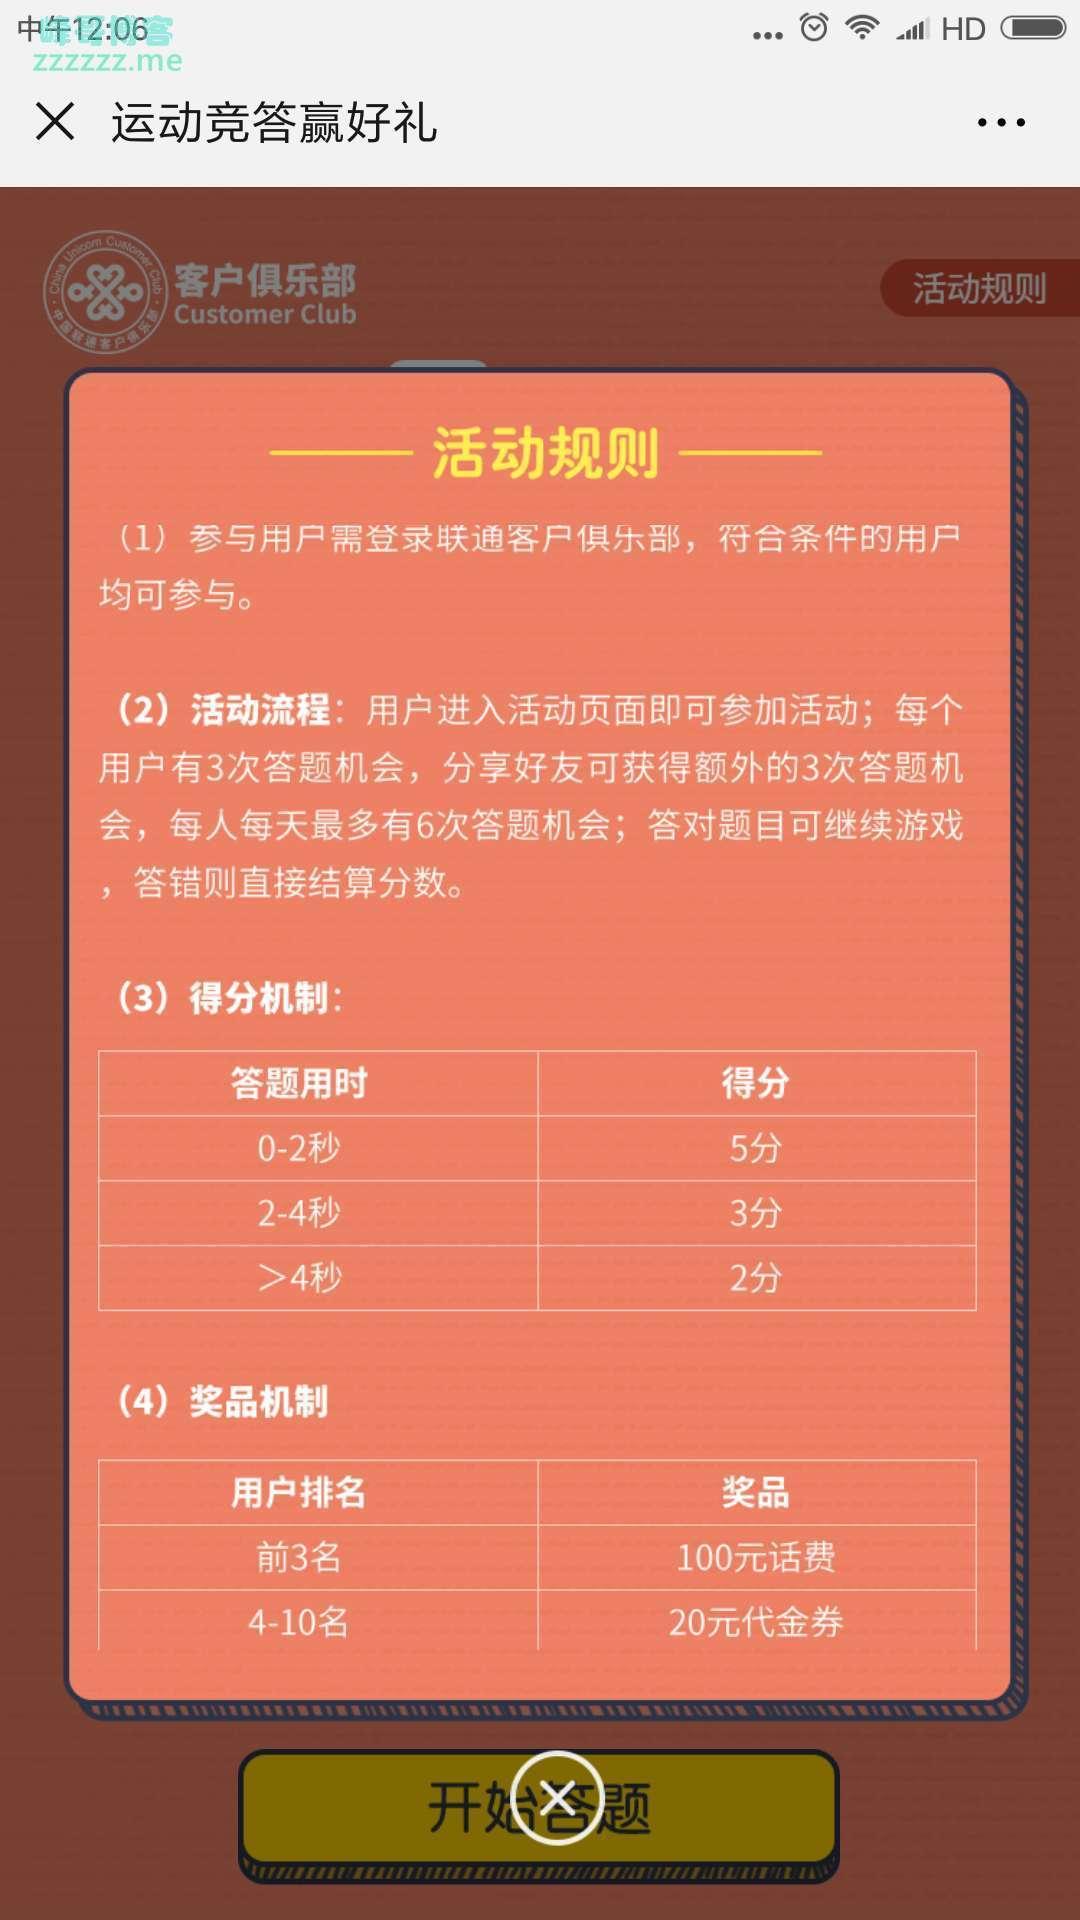 <中国联通客服>玩游戏赢好礼(截至不详)